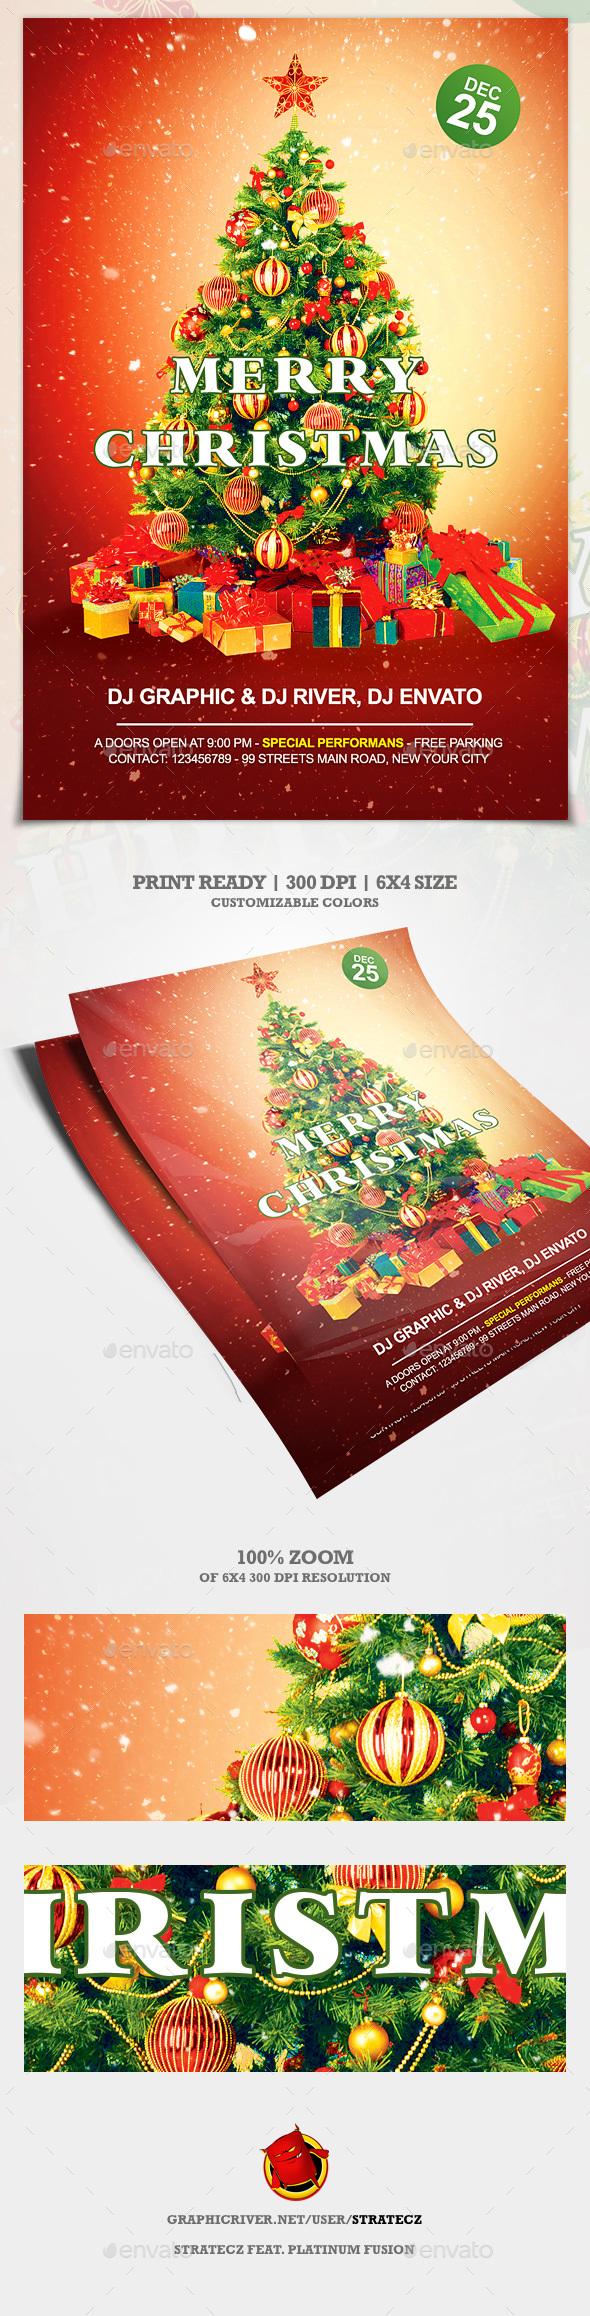 Christmas Flyer - Print Templates